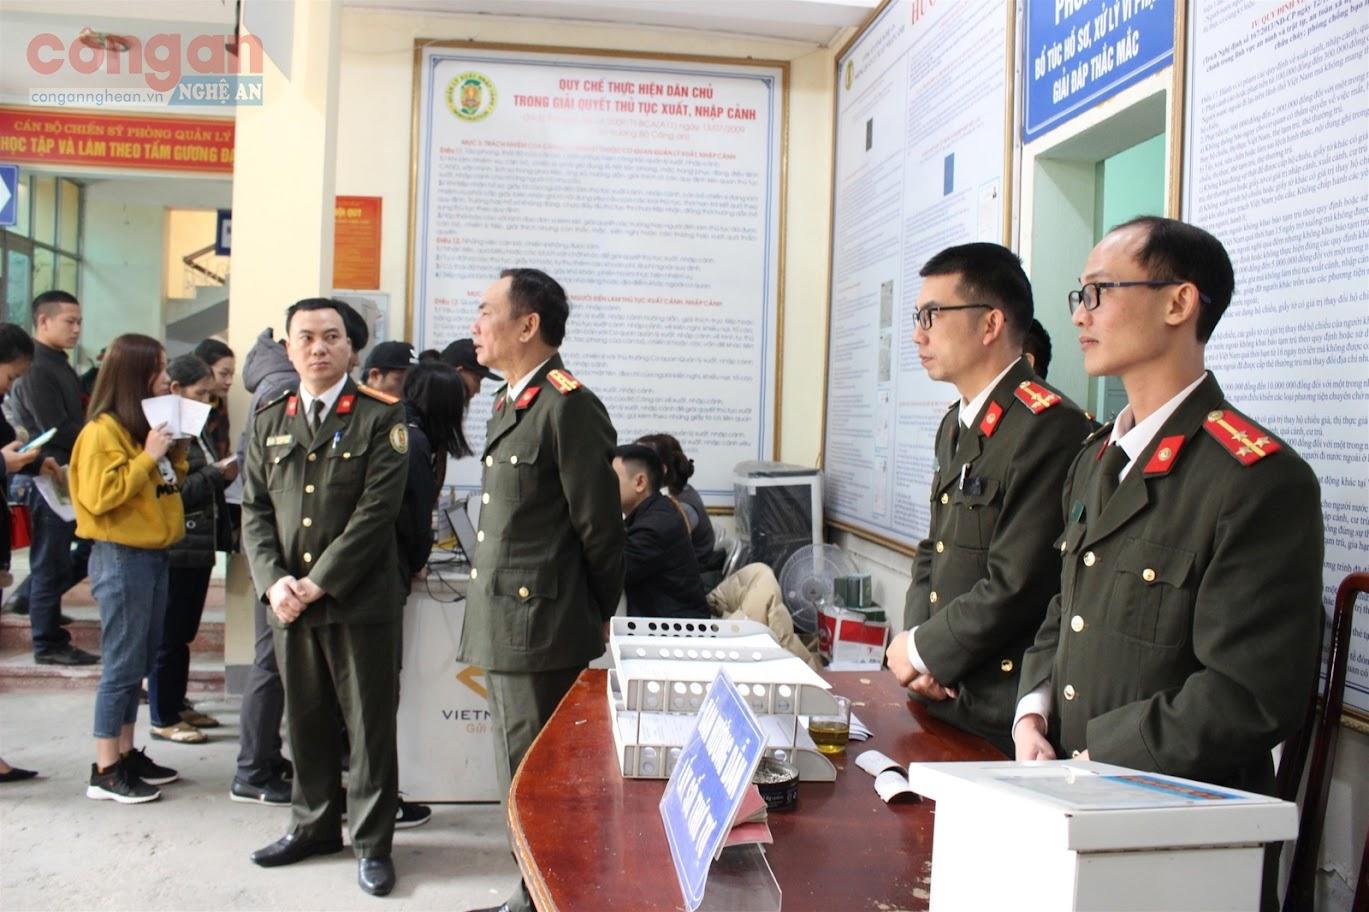 Đồng chí Đại tá Lê Xuân Hoài, Phó Giám đốc Công an tỉnh kiểm tra công tác cấp hộ chiếu cho người dân tại Phòng Quản lý Xuất nhập cảnh